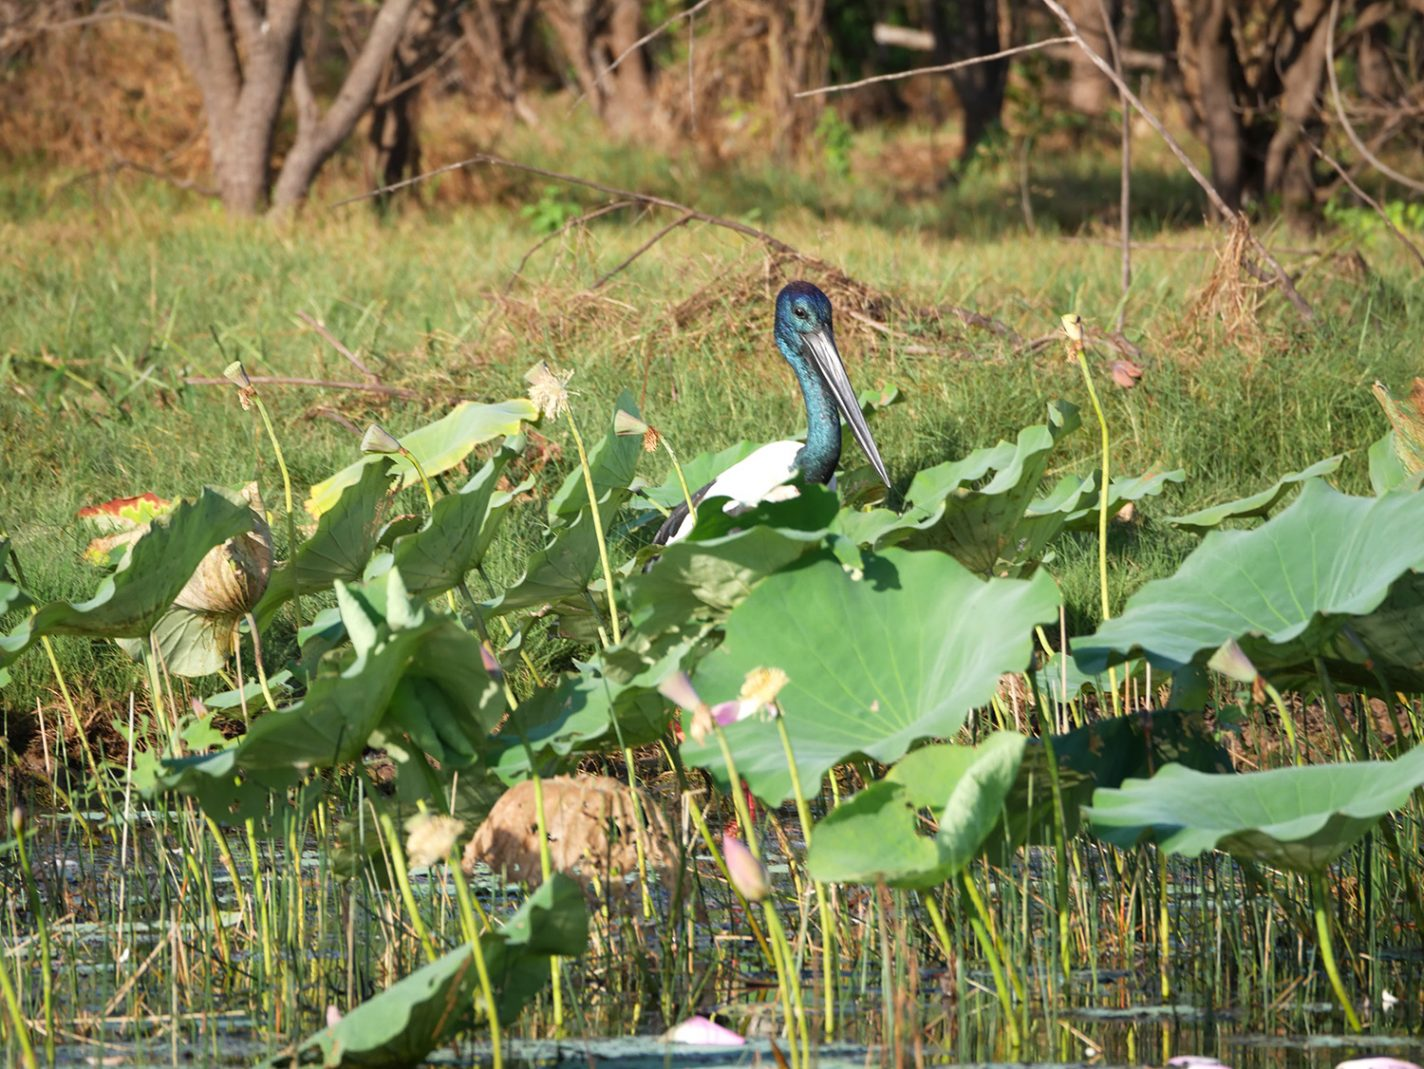 Daar is die prachtige vogel, de Corroboree-jabiru